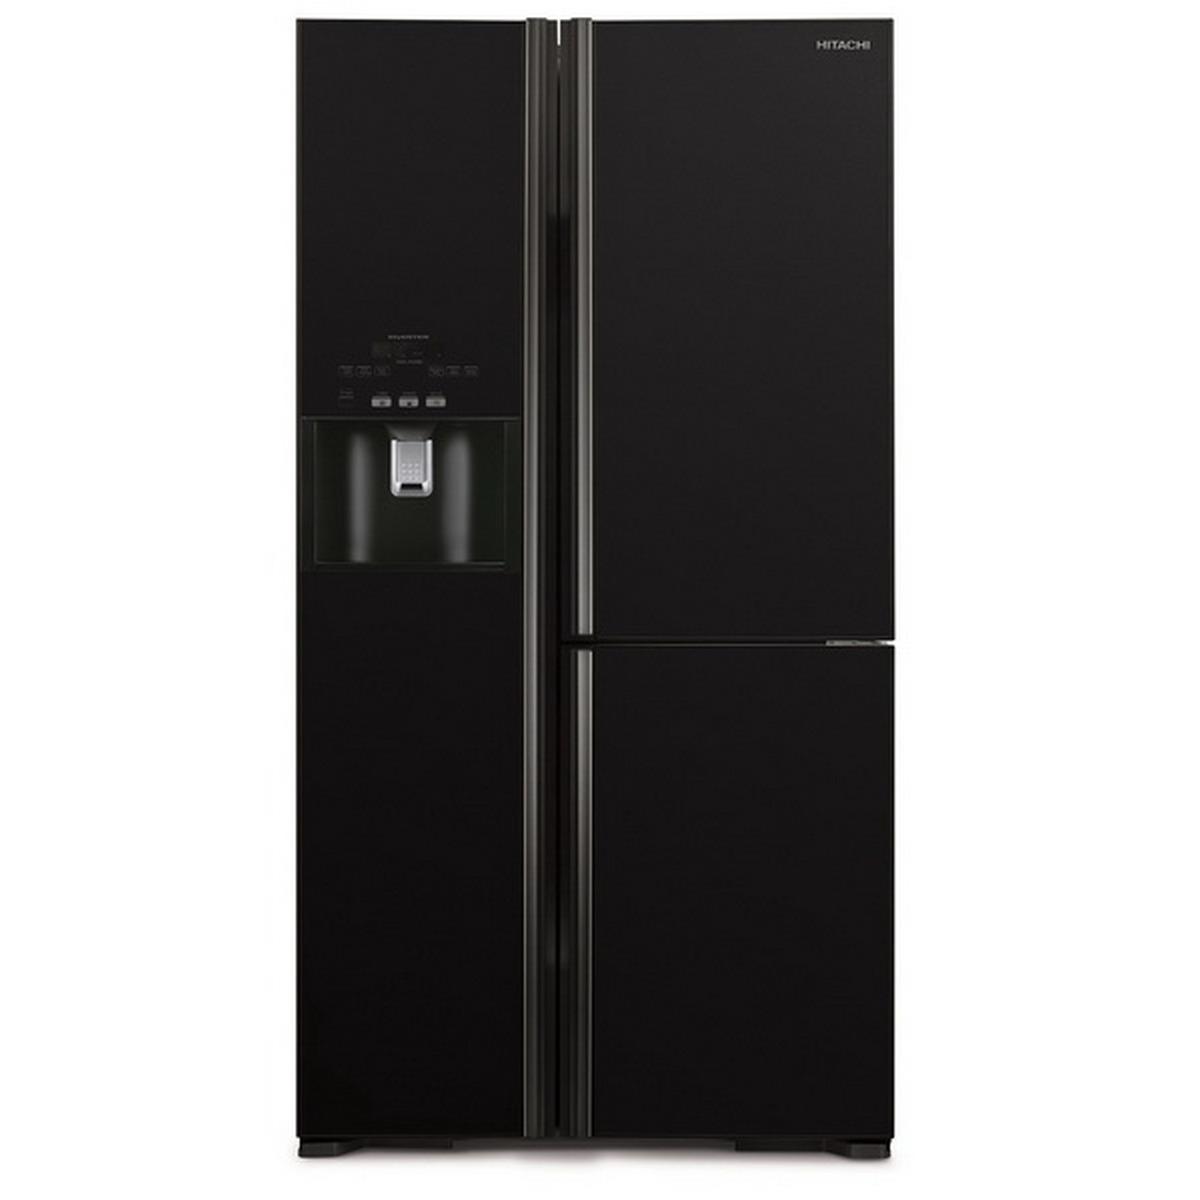 ตู้เย็นไซด์ บาย ไซด์ (21.1 คิว, สีดำ) รุ่น RM600GP2THGBK-50AP